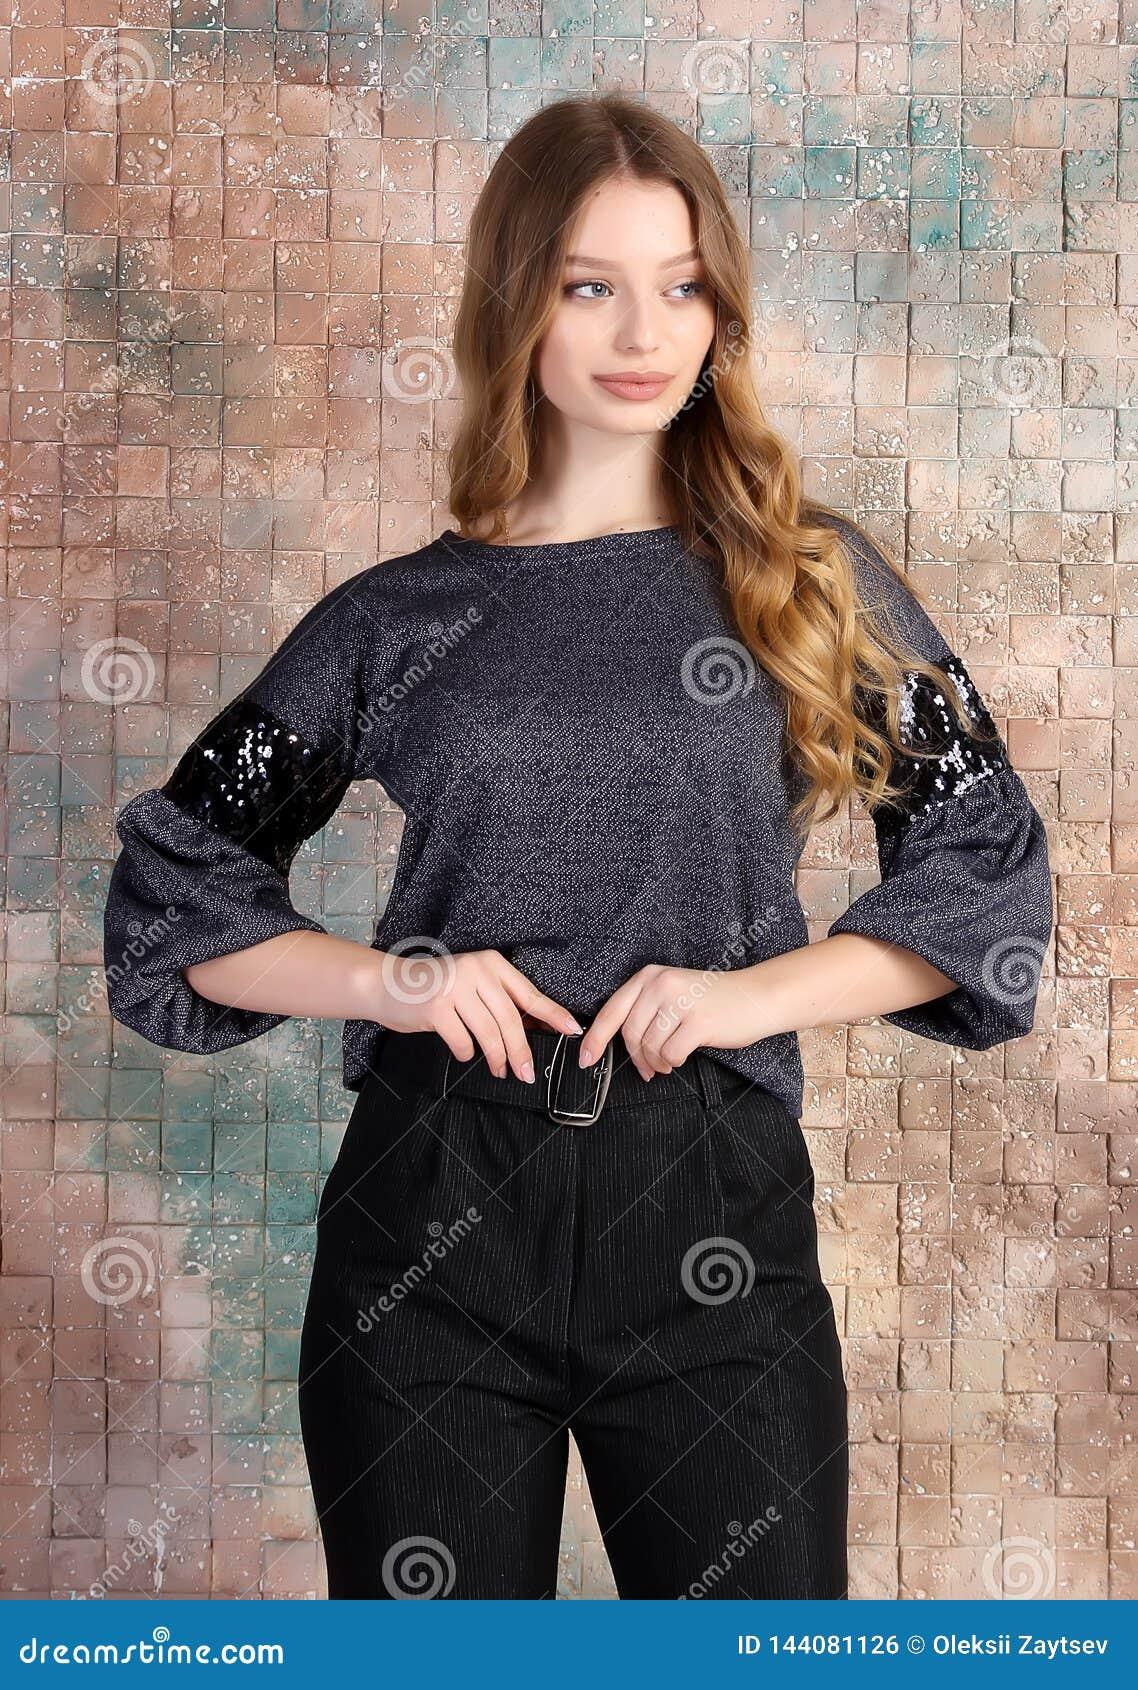 年轻美好的女性模型时尚照片在礼服的